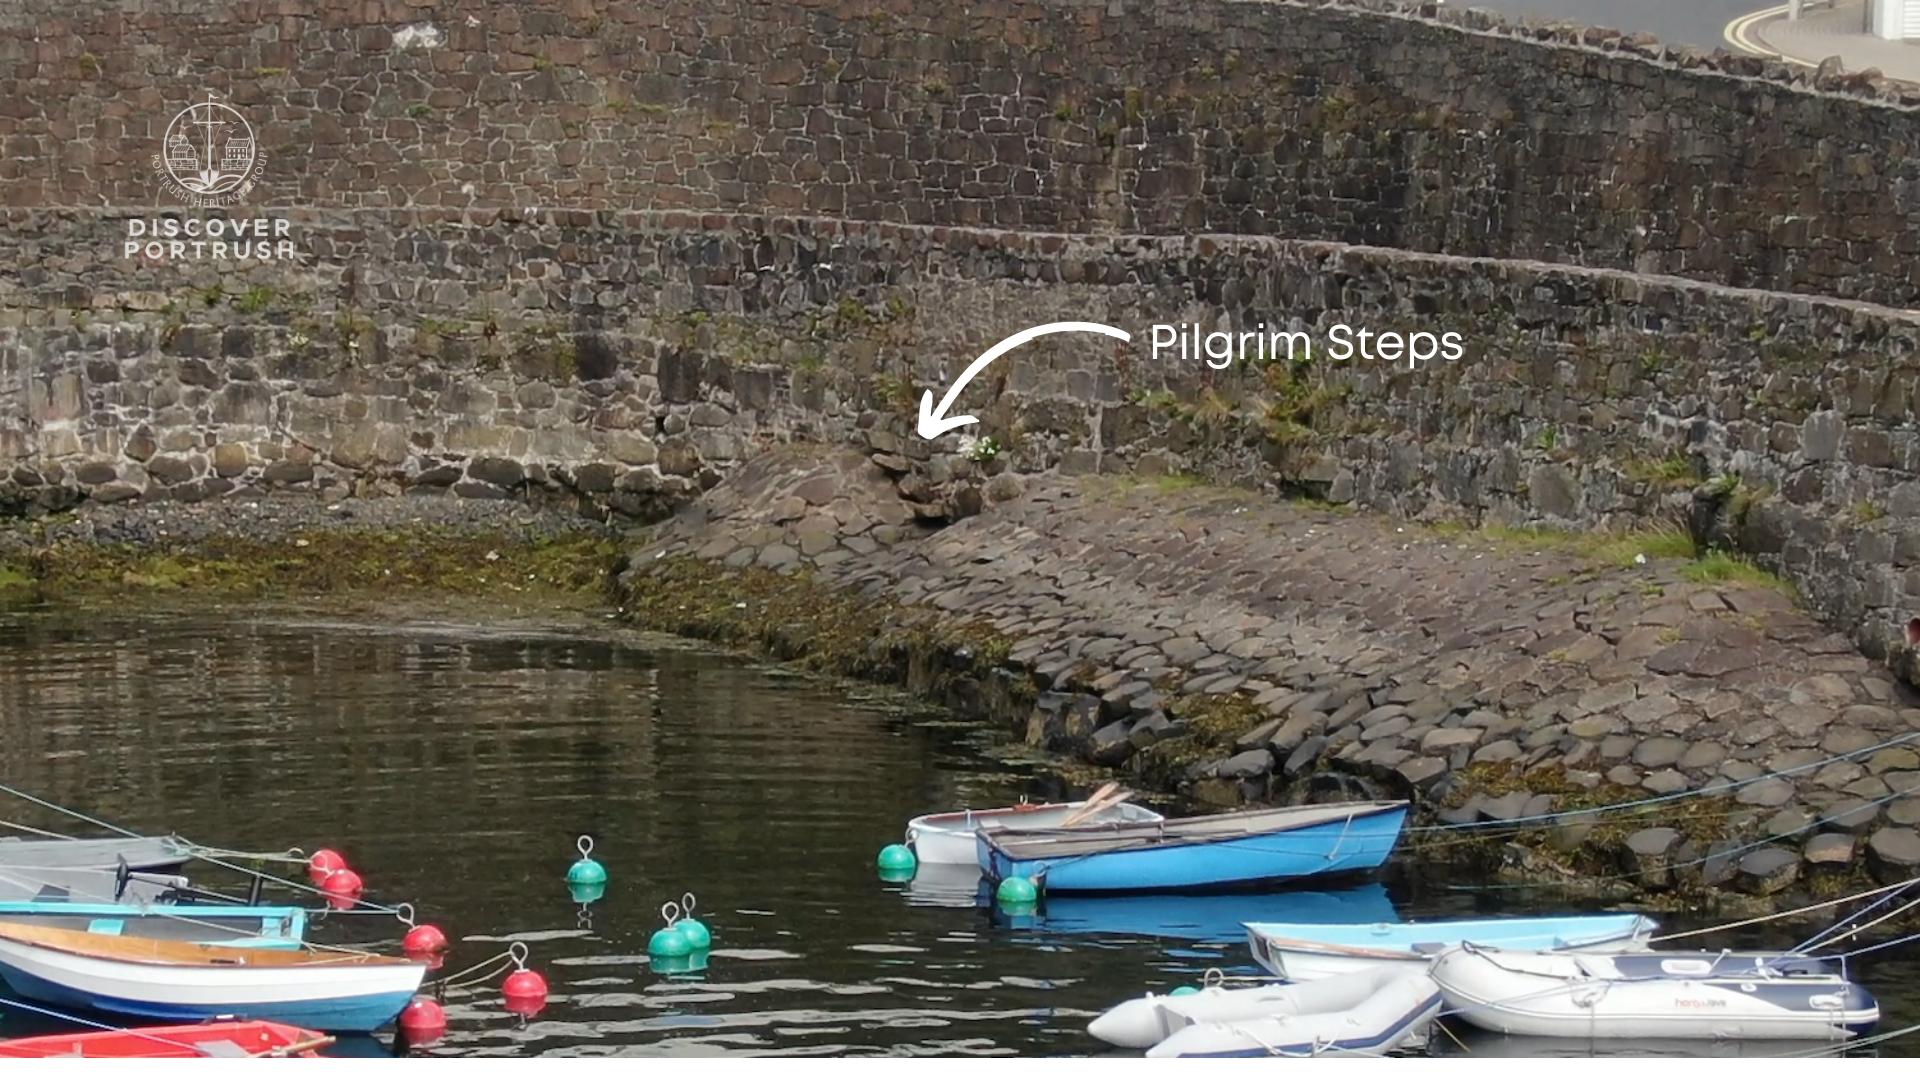 The Pilgrim Steps, Old Dock, Portrush